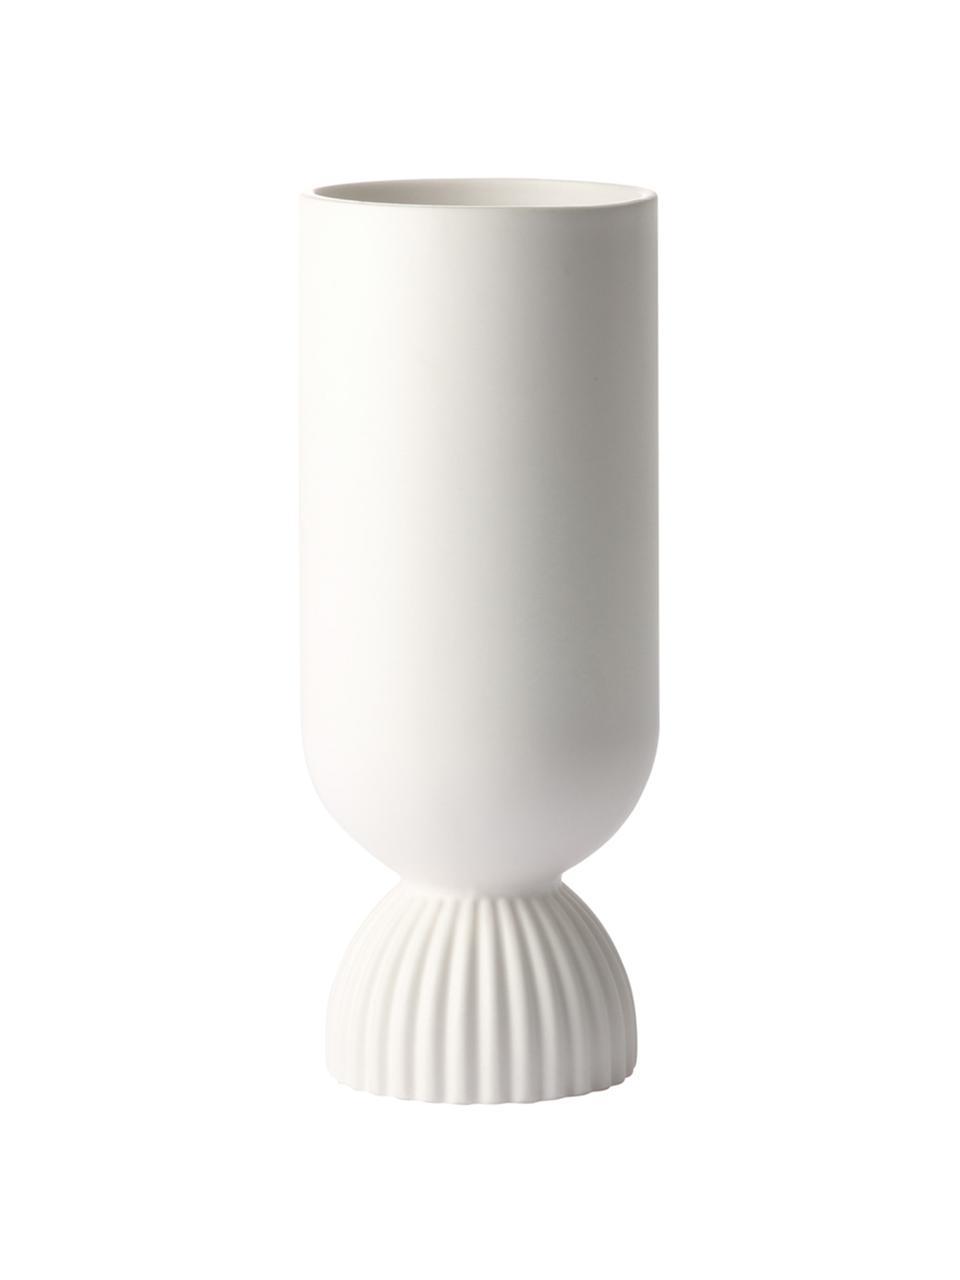 Vase Koralle aus Steingut mit Rippendetail, Steingut, Weiß, matt, Ø 10 x H 25 cm